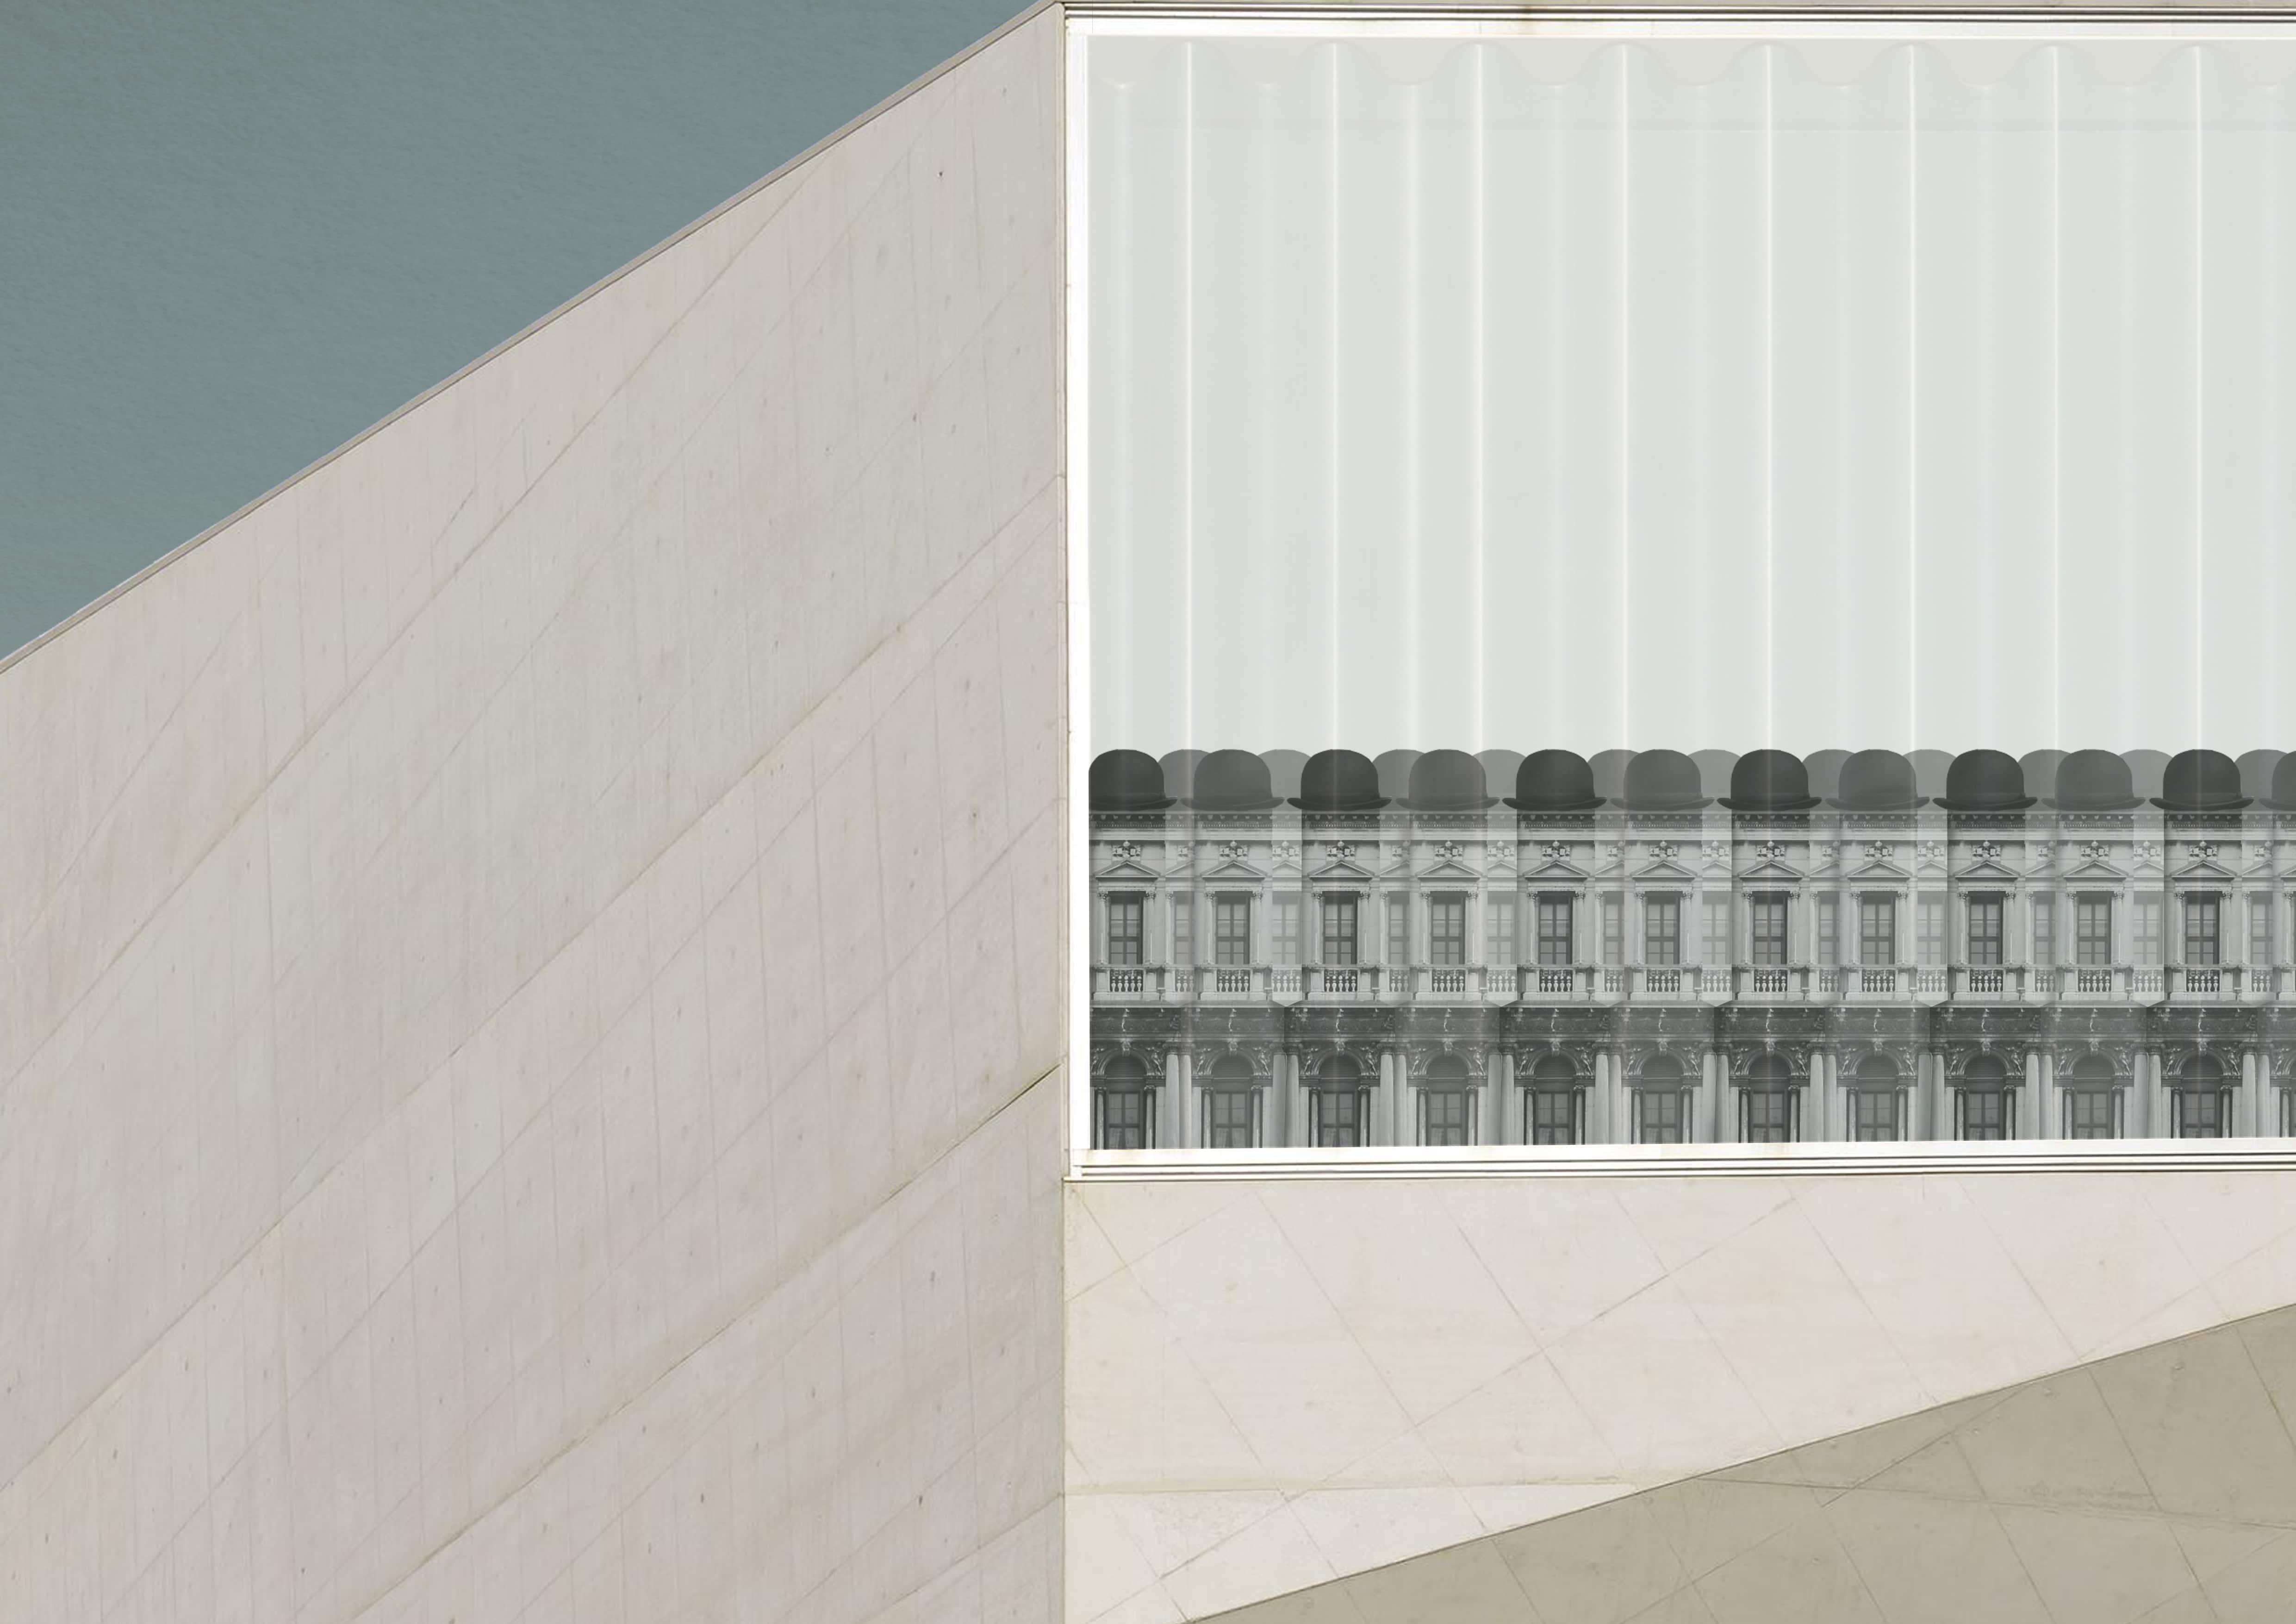 City in Casa da Musica